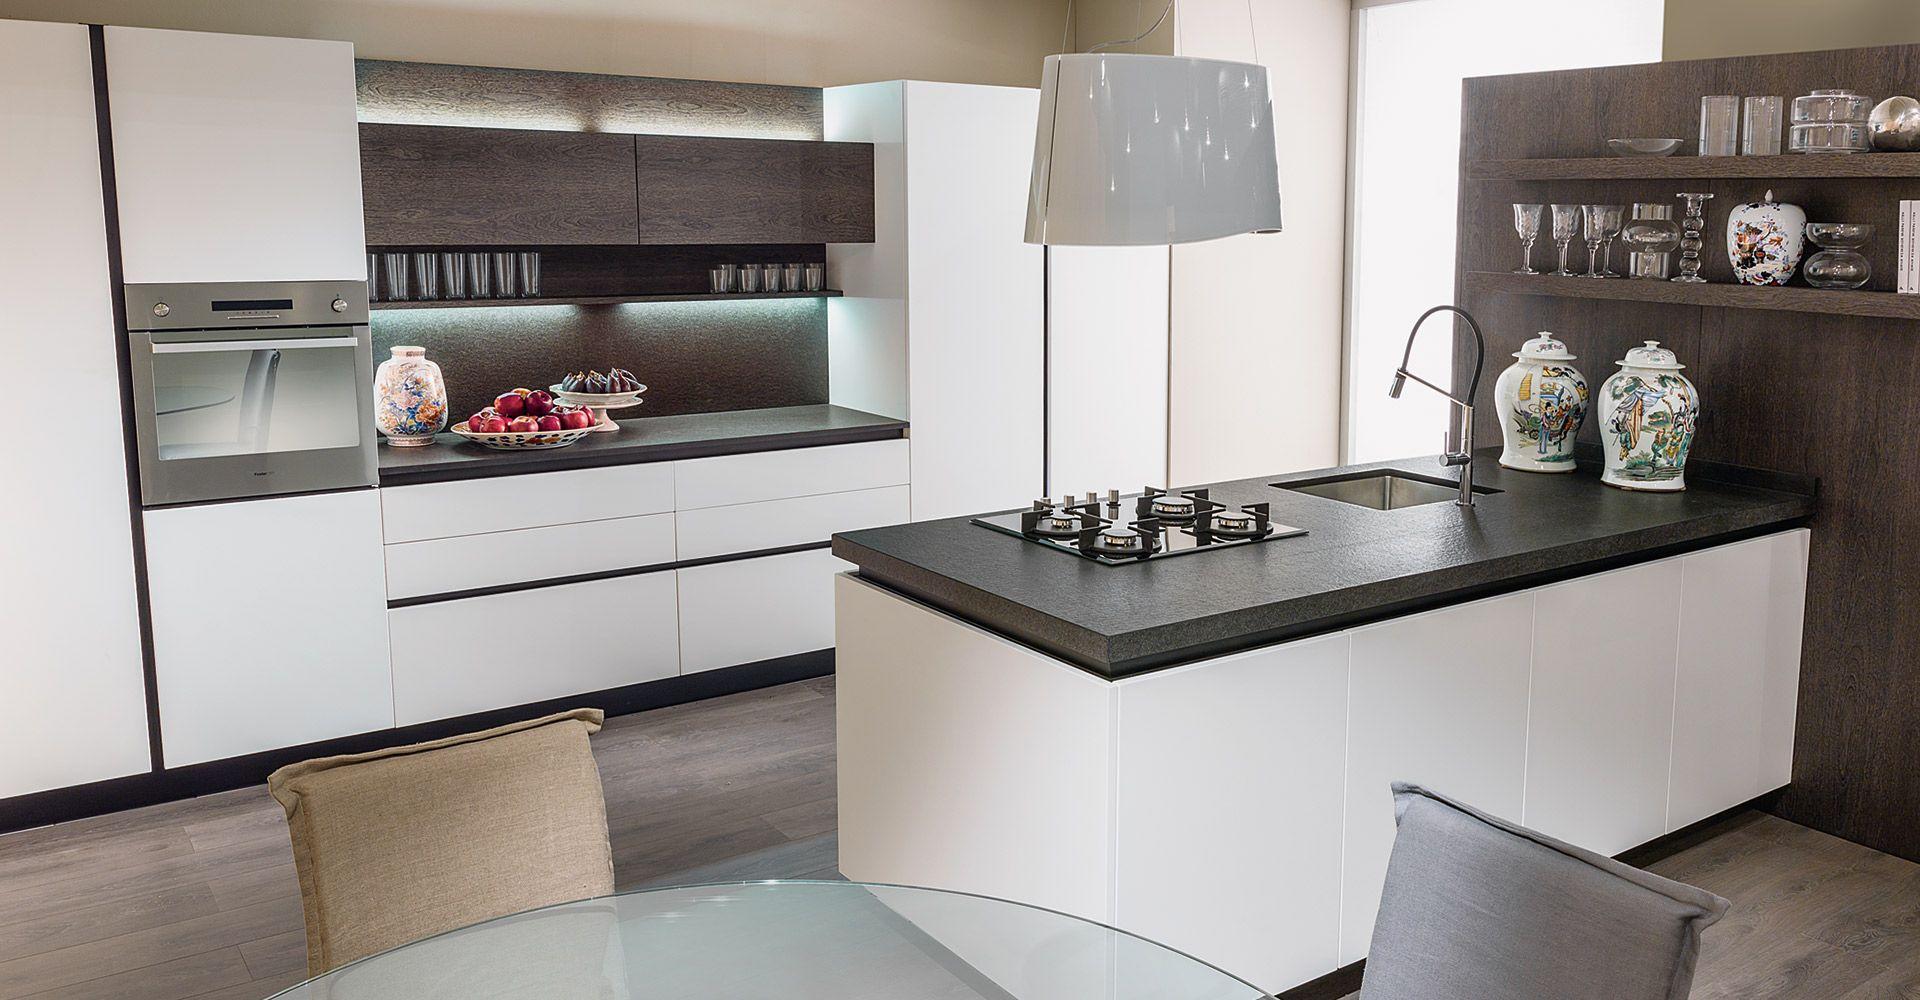 Soft bianco granito cappellini cucine kitchen pinterest - Cucine cappellini ...